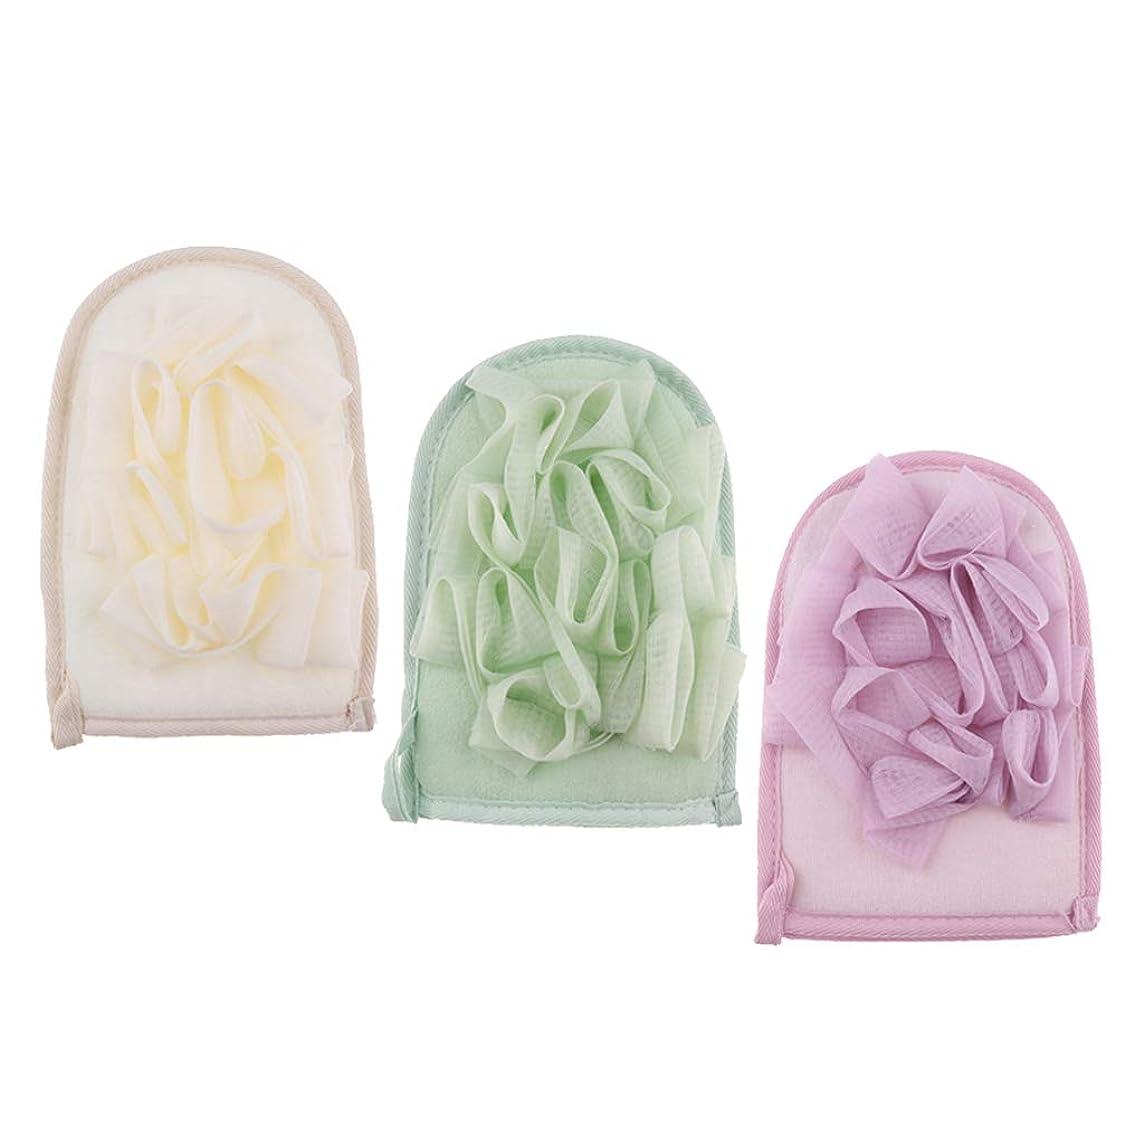 宿命同様のシャイsharprepublic 3個 両面バスミット ボディースポンジ シャワーブラシ 入浴用品 角質除去 ユニセックス